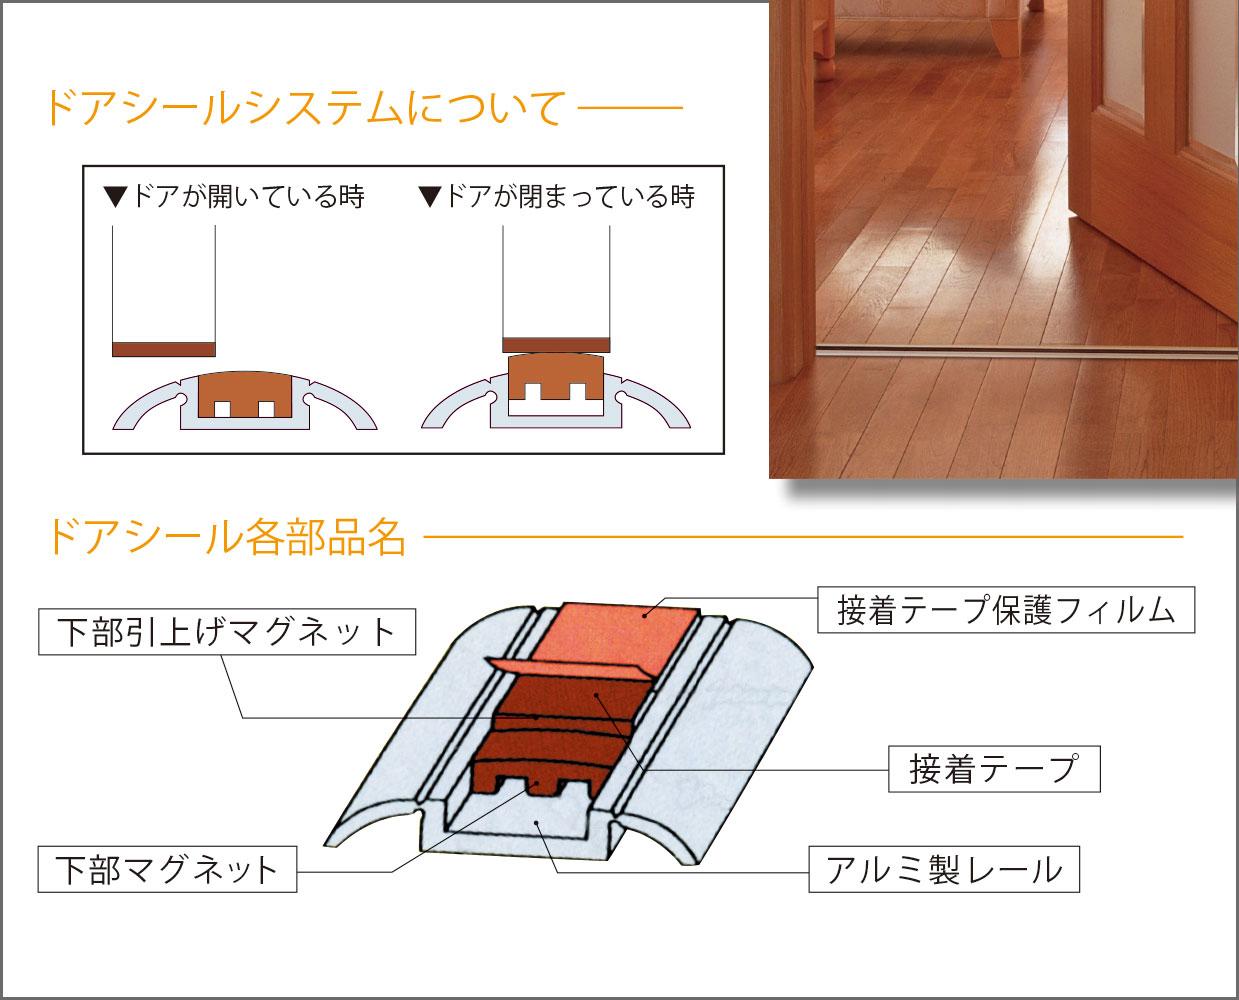 【NM508-S】ドアシール 860mm